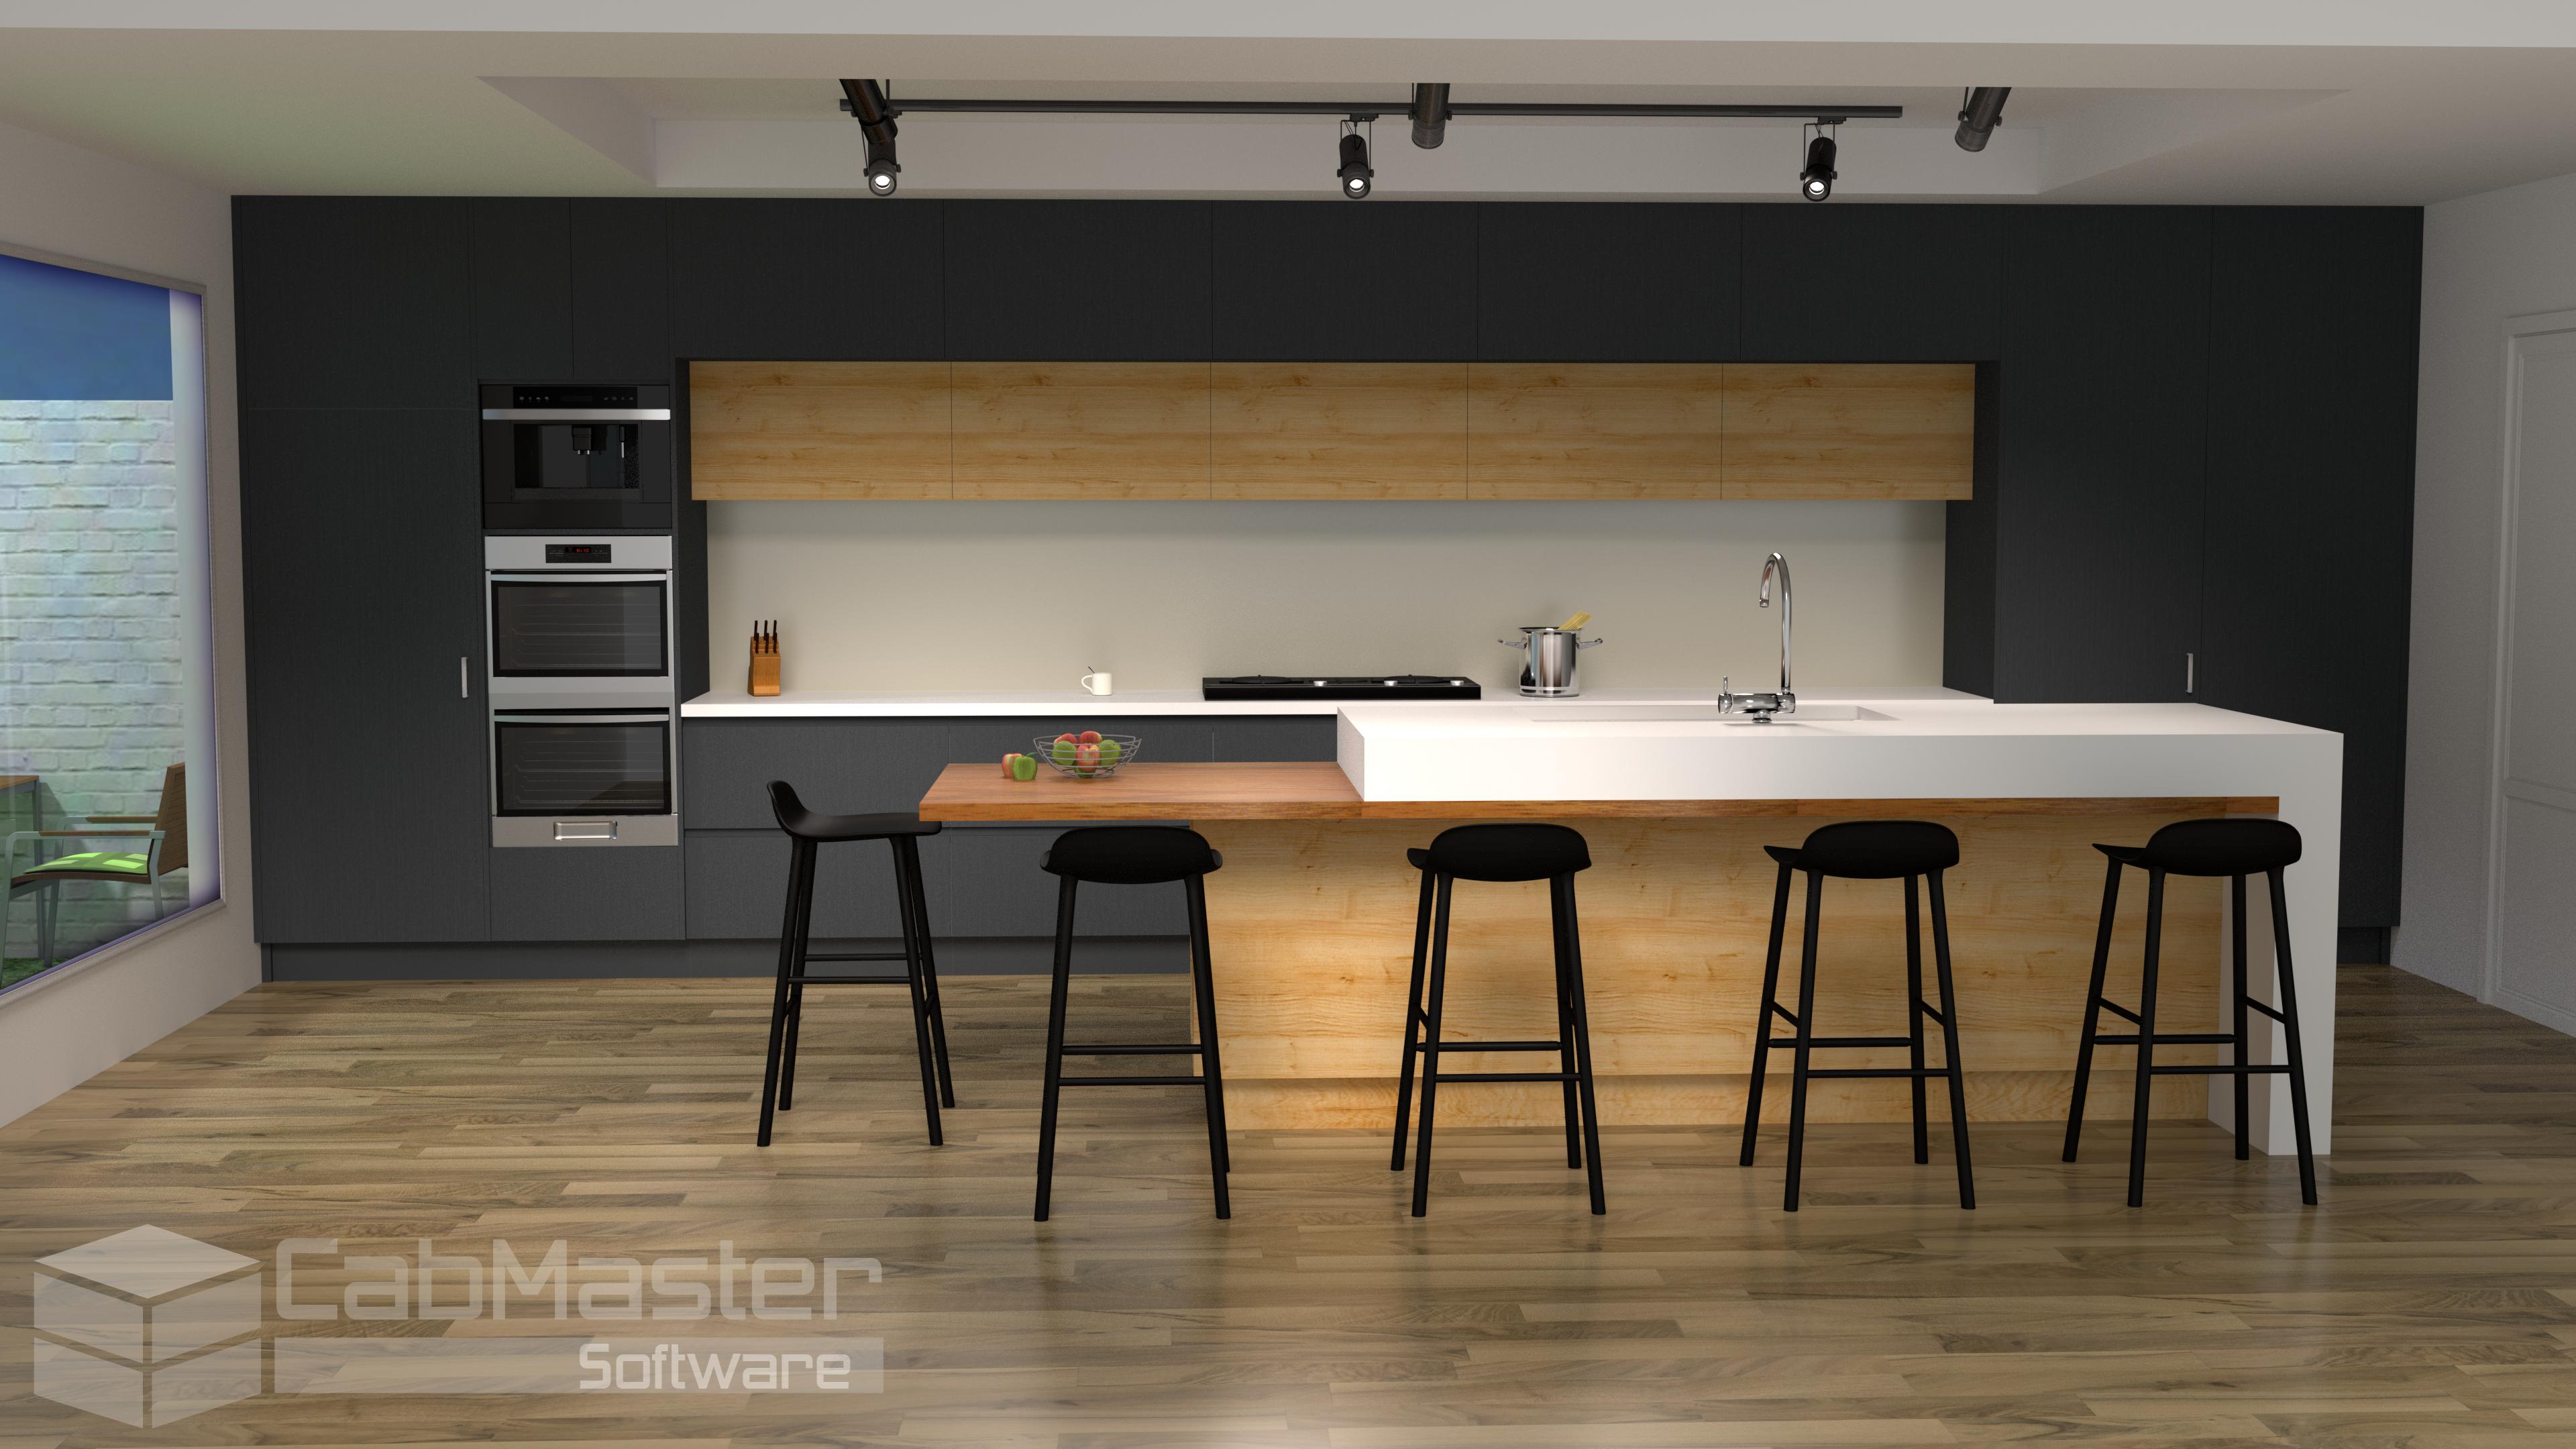 Sample Kitchen Render 2